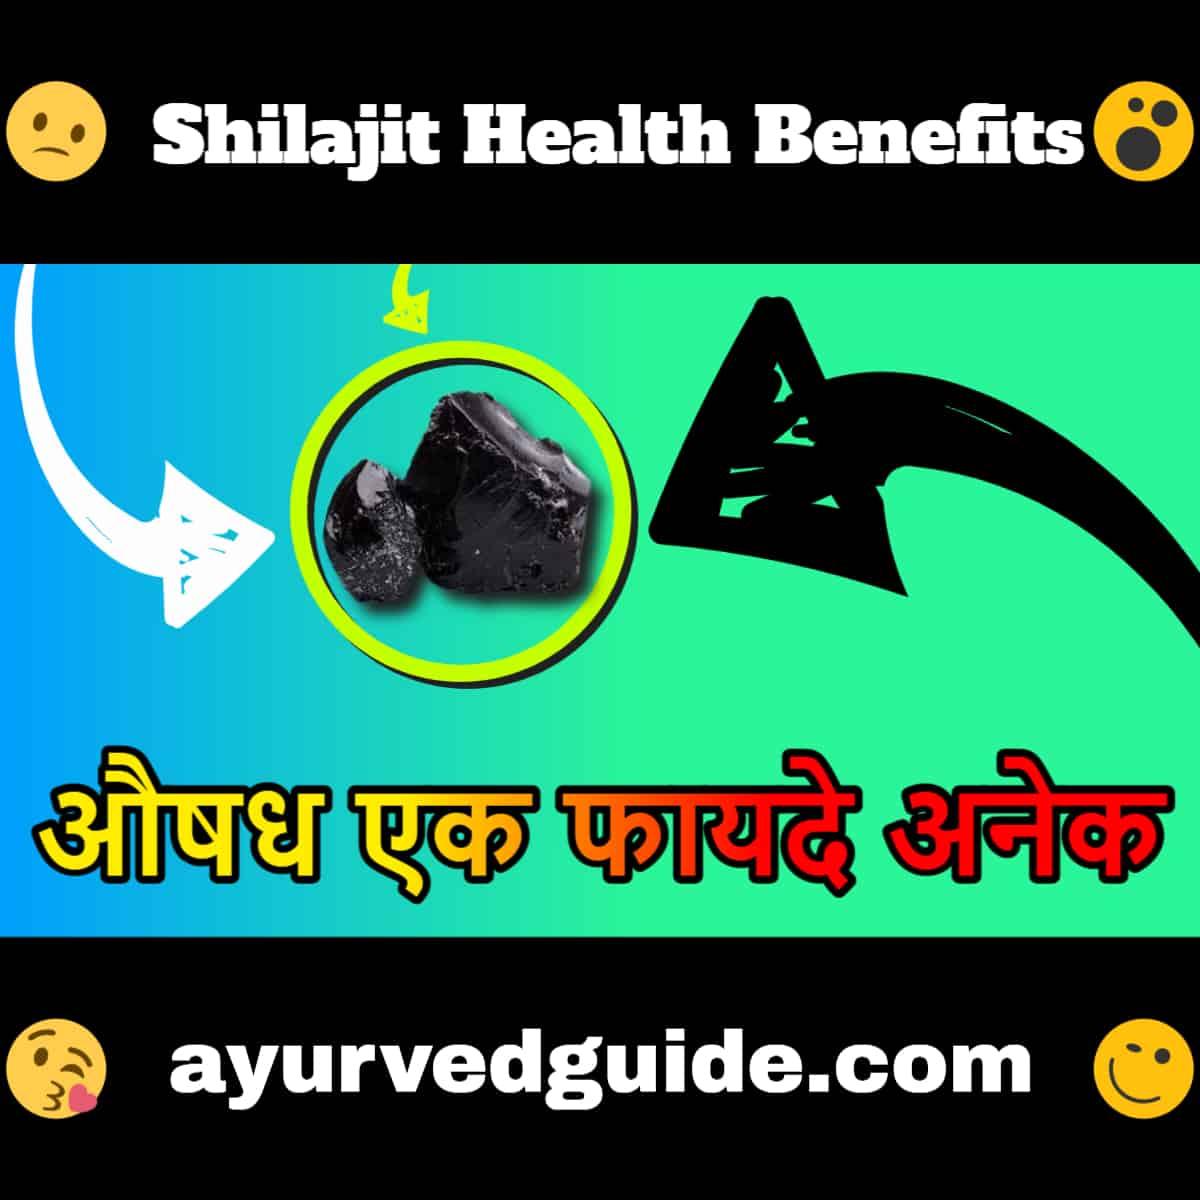 Shilajit Health Benefits - शिलाजीत के आयुर्वेदिक गुण - फायदे व नुकसान - कैसे खायें